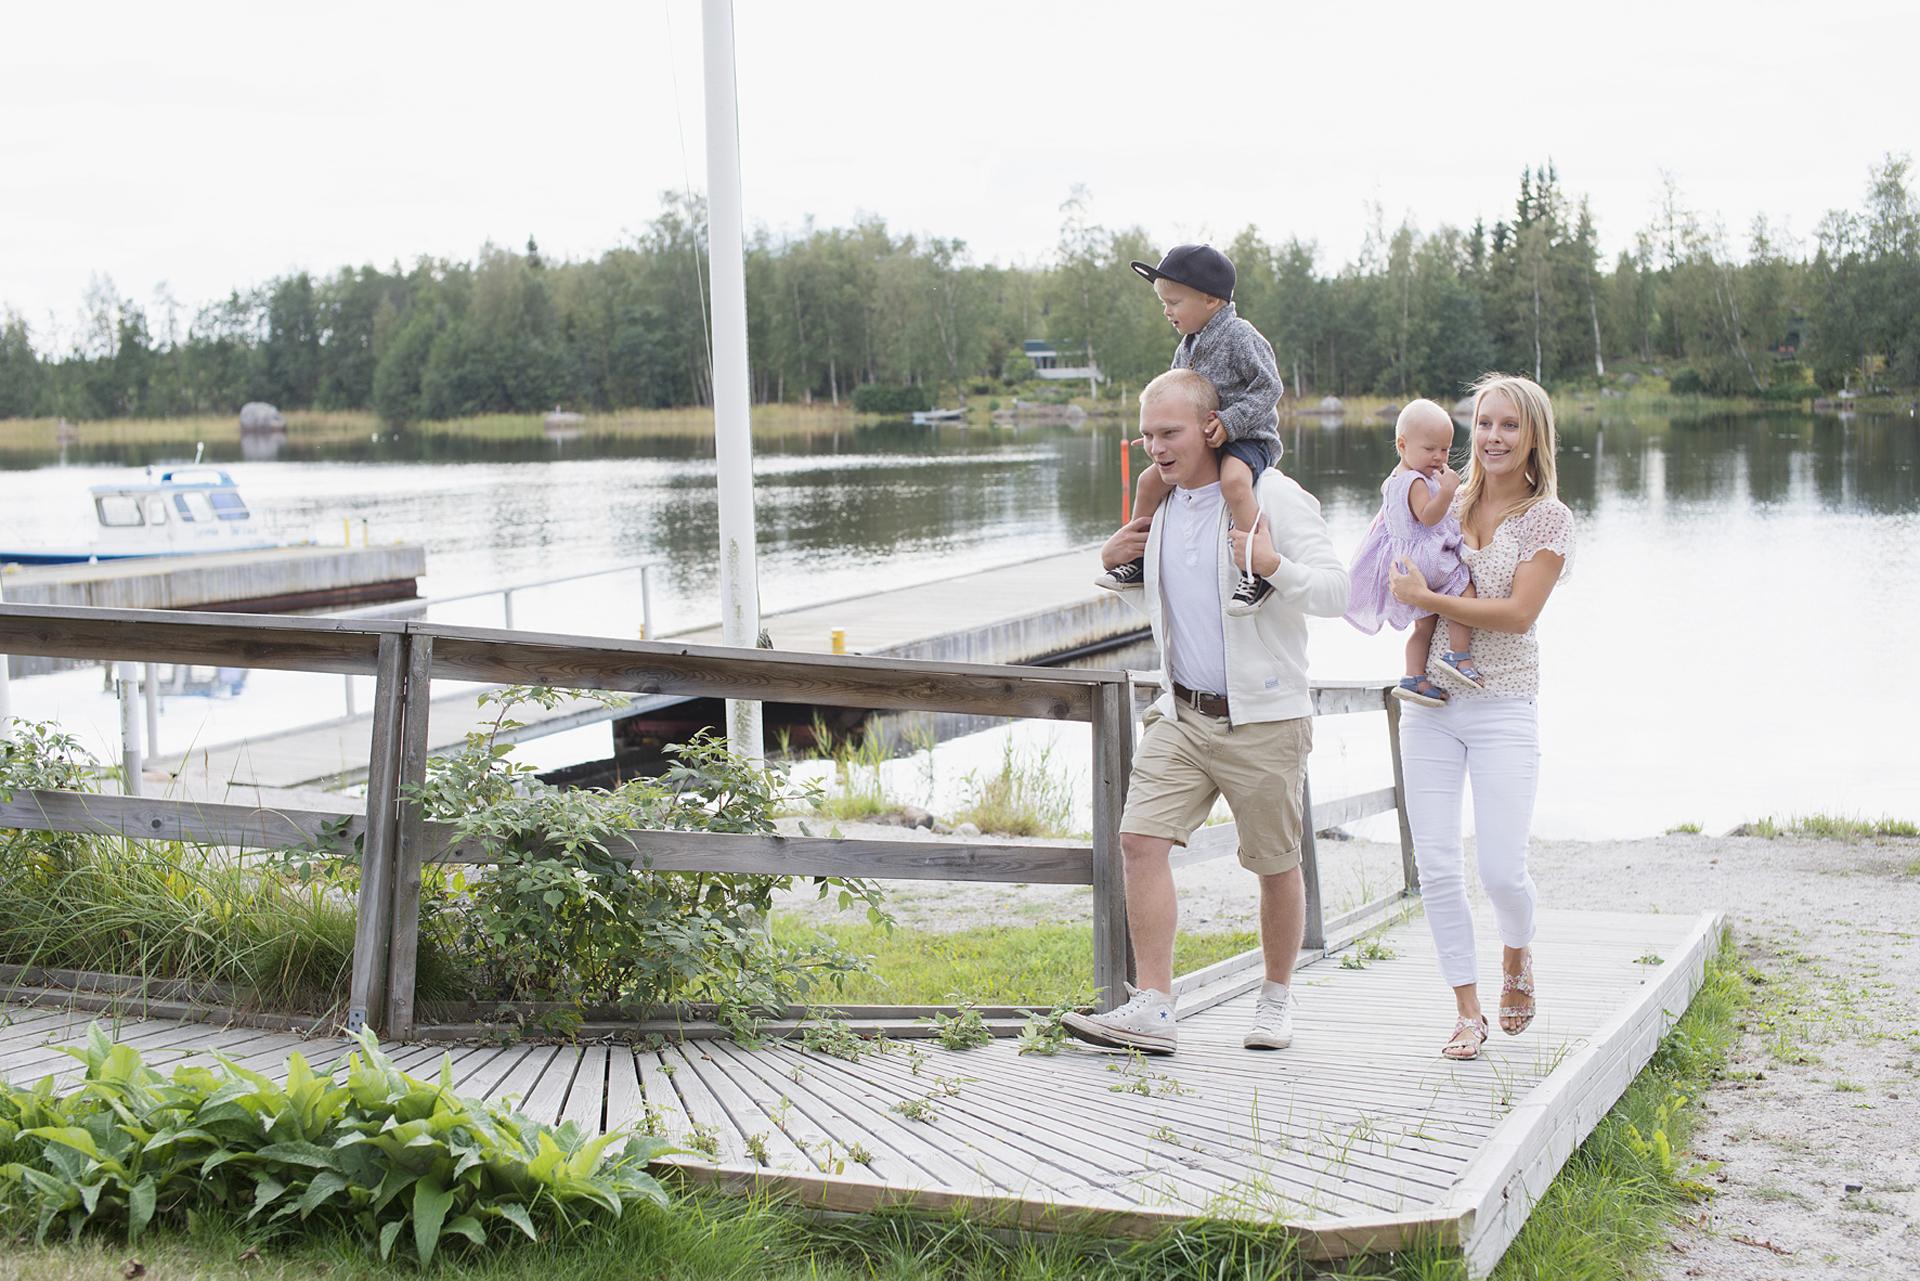 4 henkinen perhe kävelemässä Köpmanholmenin laituria pitkin auringon paisteessa. PIenet lapset ovat vanhempien sylissä, toinen heistä olkapäiden päällä istumassa.